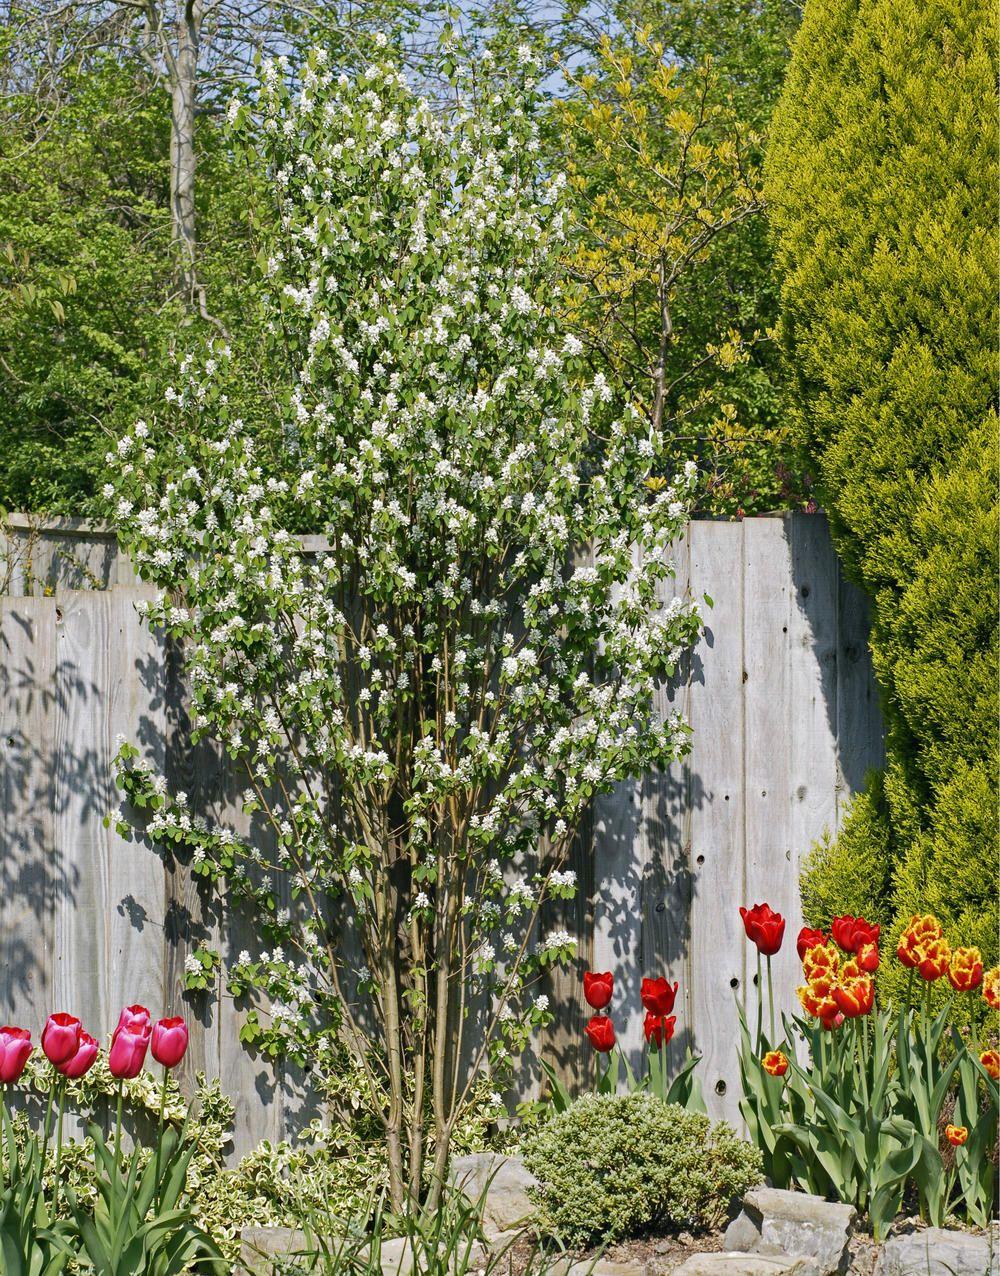 Saulen Felsenbirne Attraktives Platzsparwunder Straucher Garten Gartendesign Ideen Kleine Baume